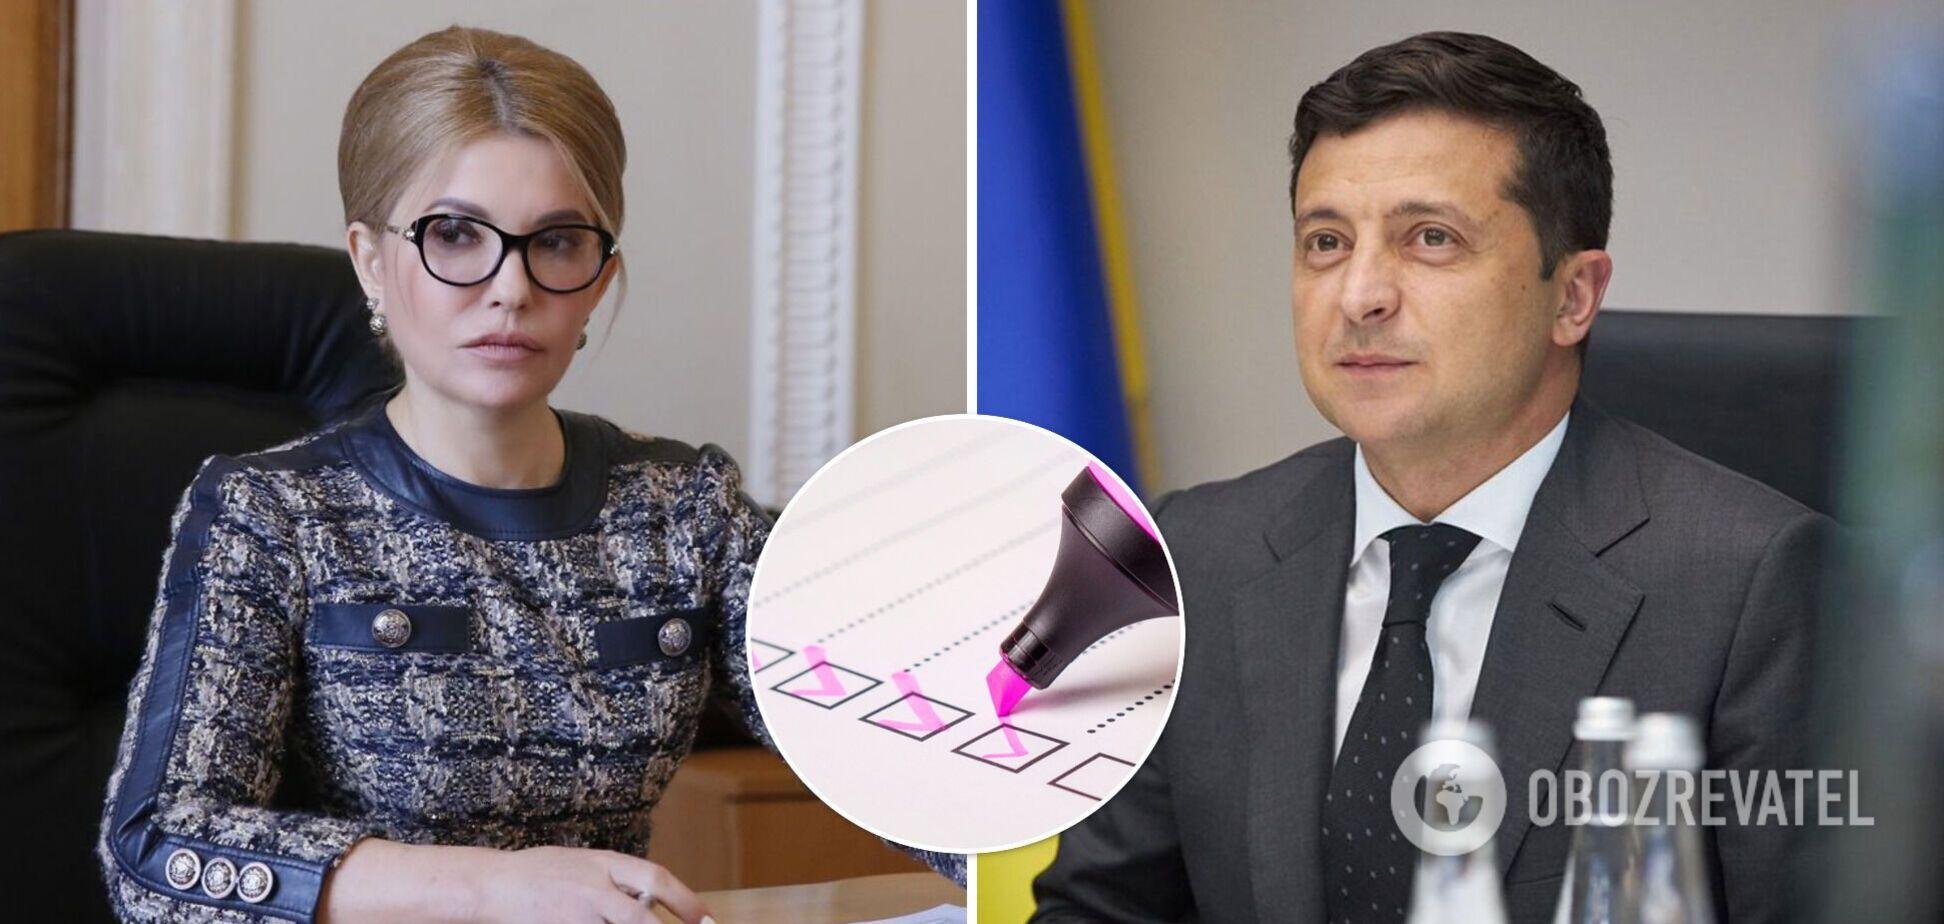 В Украине рейтинг доверия к политикам возглавляет Зеленский, на втором месте – Тимошенко